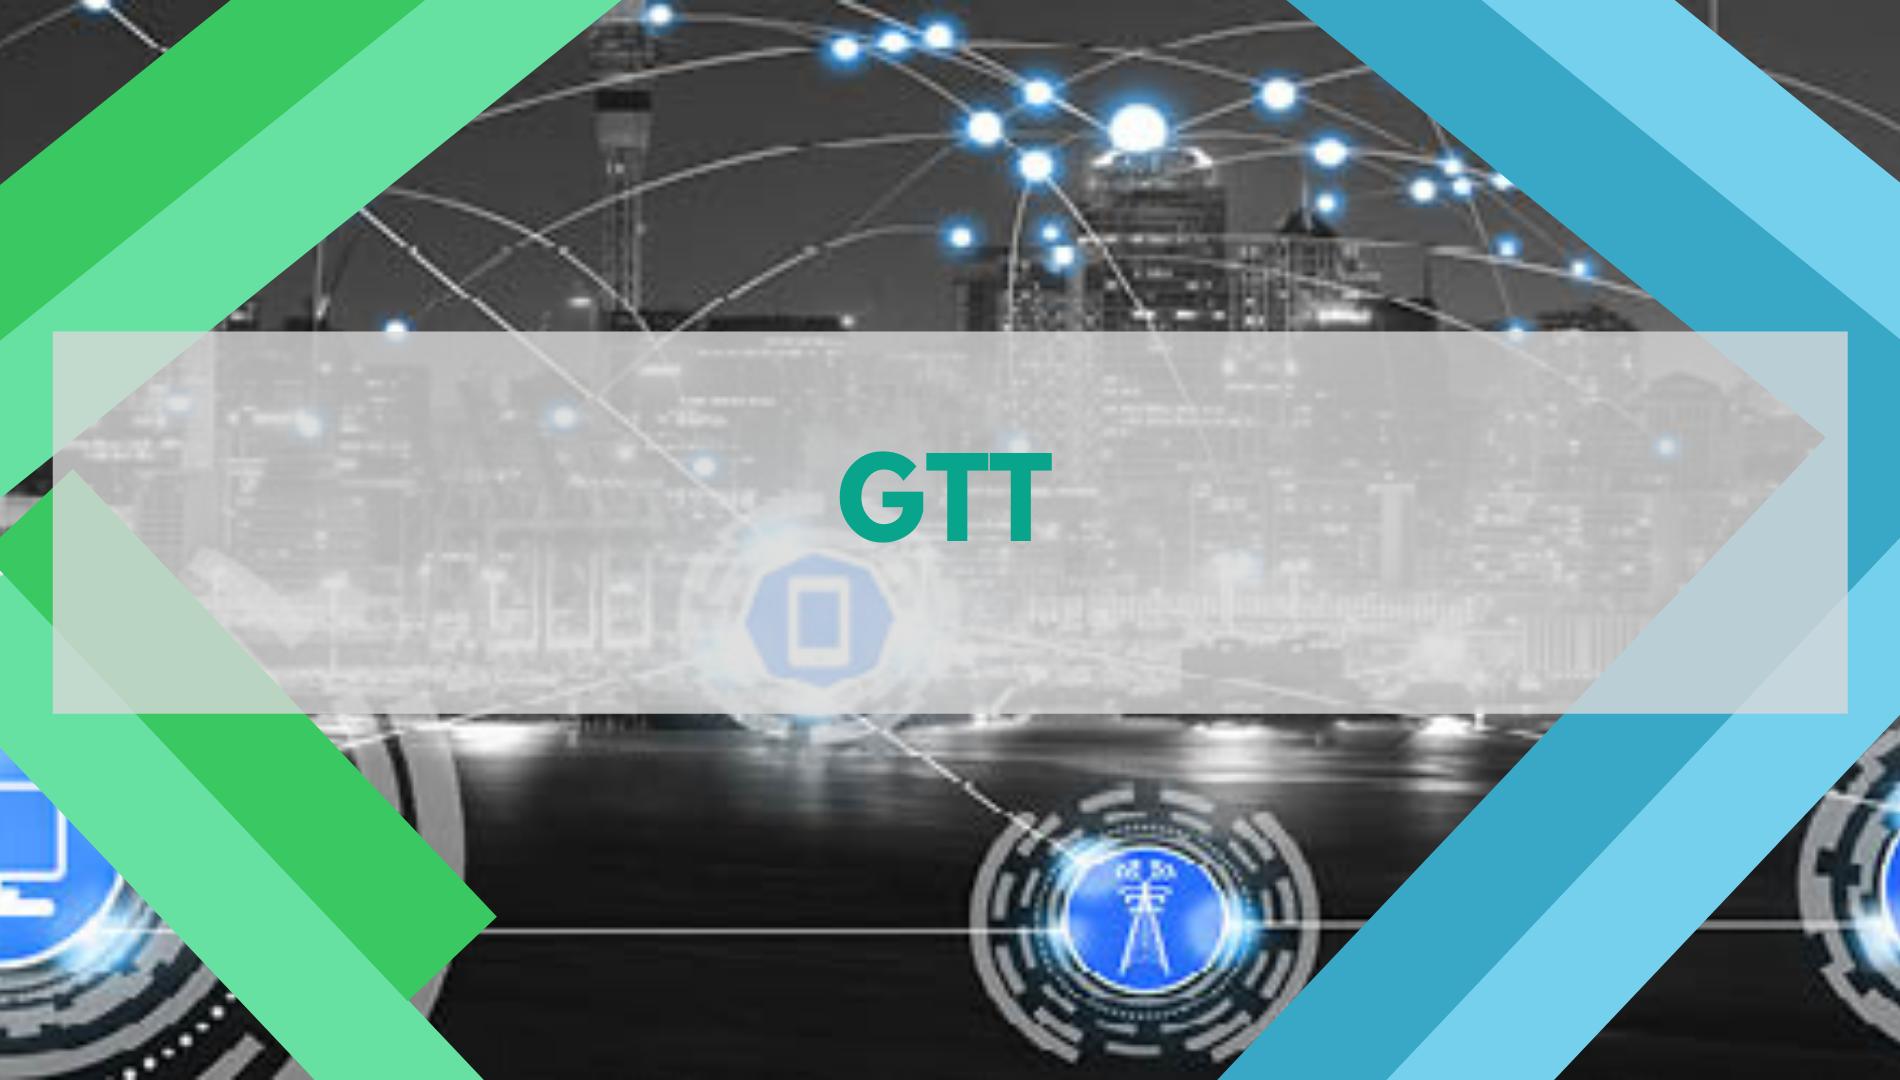 Análise às ações da GTT - Bolsa de Madrid